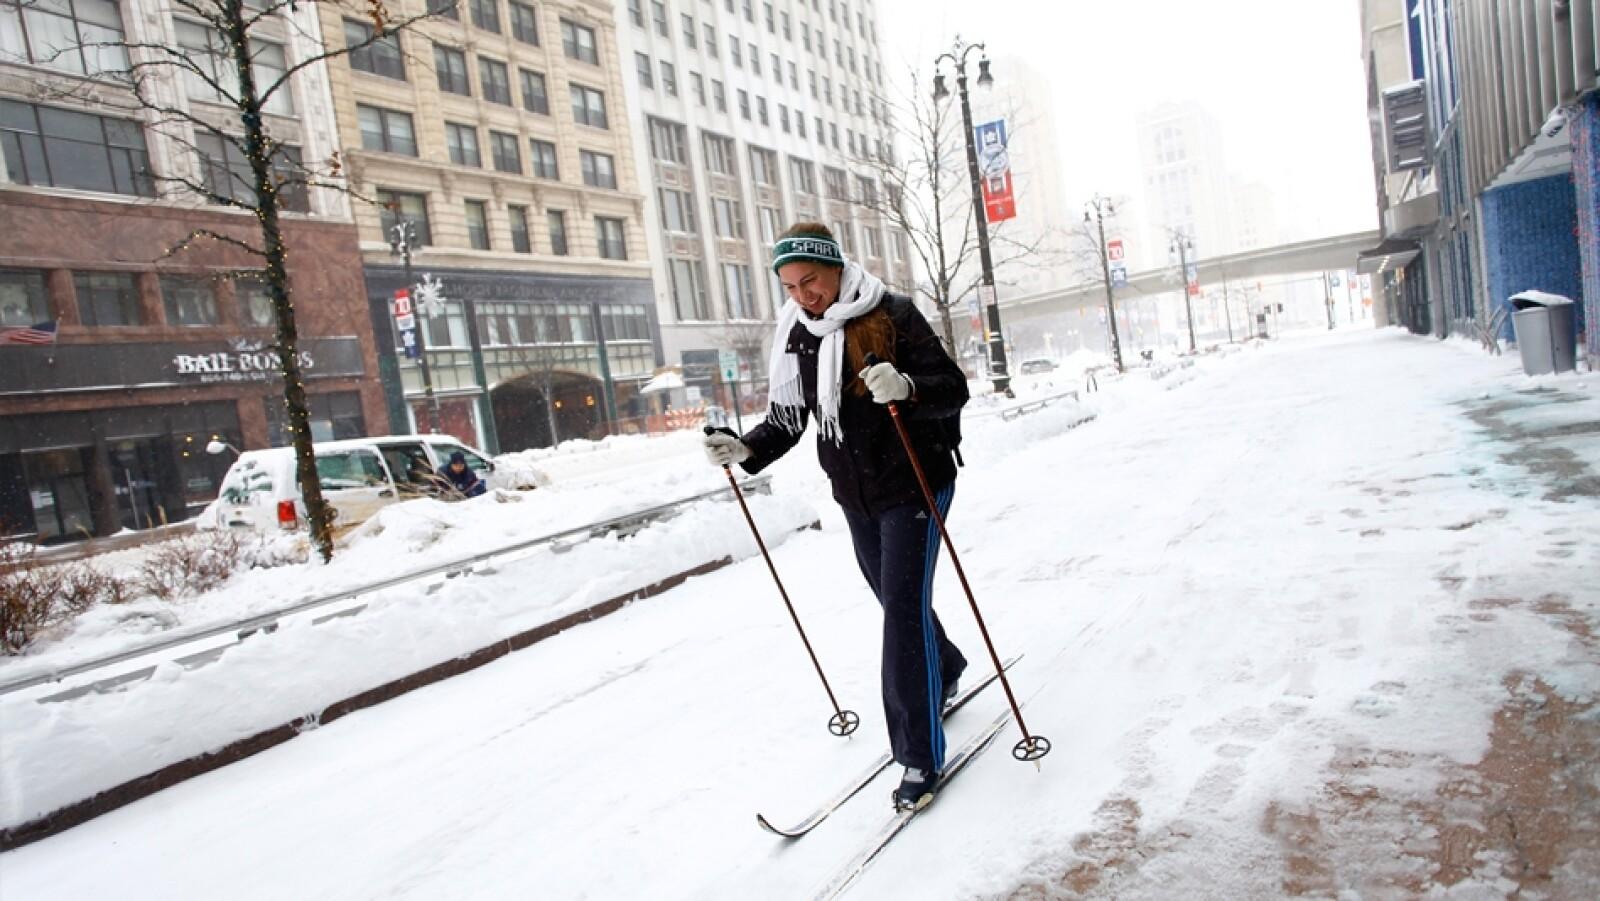 una persona esquina en medio de la nieve de detroit